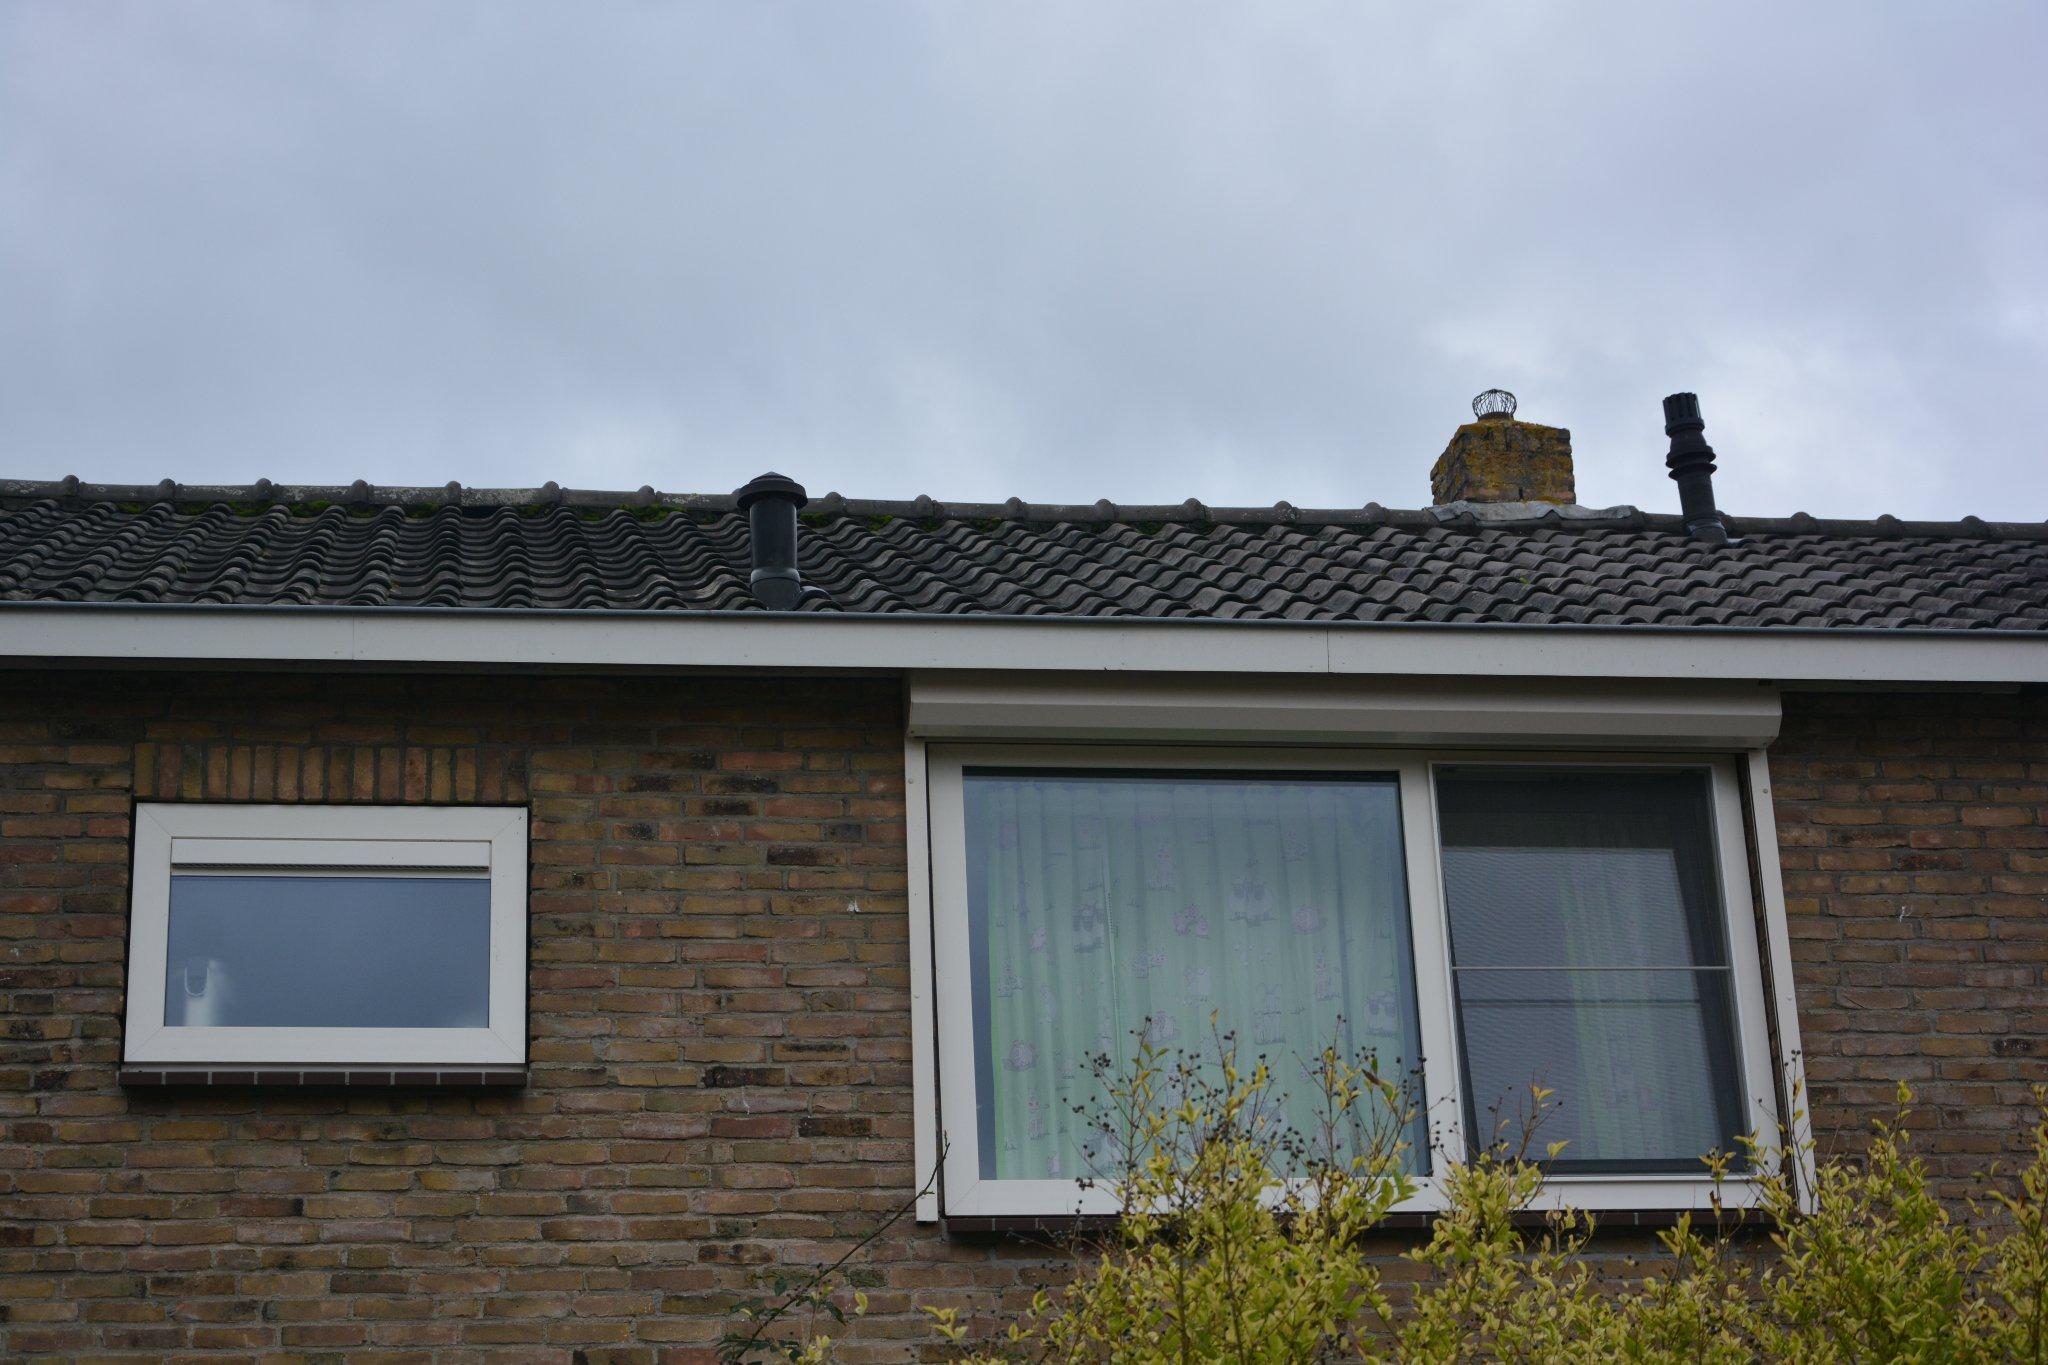 Badkamer Ventilatie Dakdoorvoer : Vervangen dakdoorvoer ventilatie badkamer werkspot